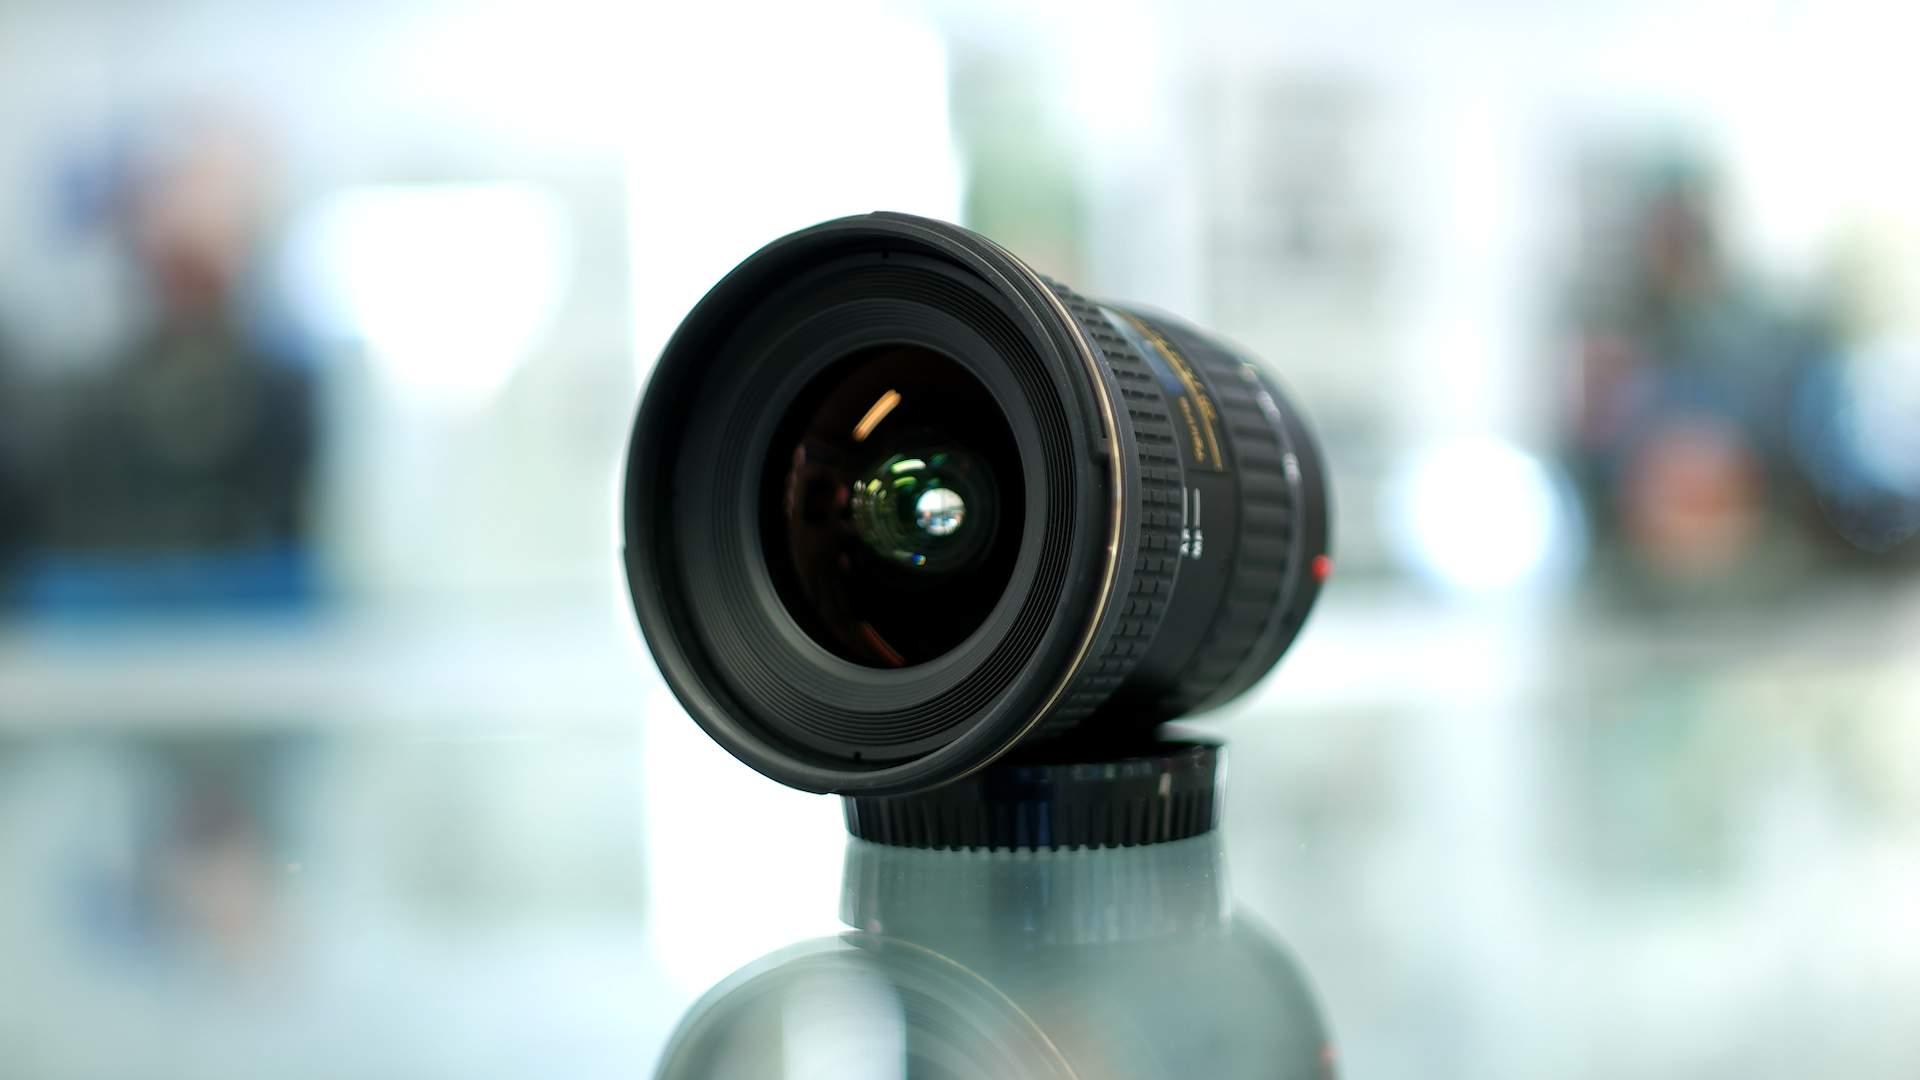 Dettaglio parte frontale obiettivo Tokina 17-35mm f4 Pro FX